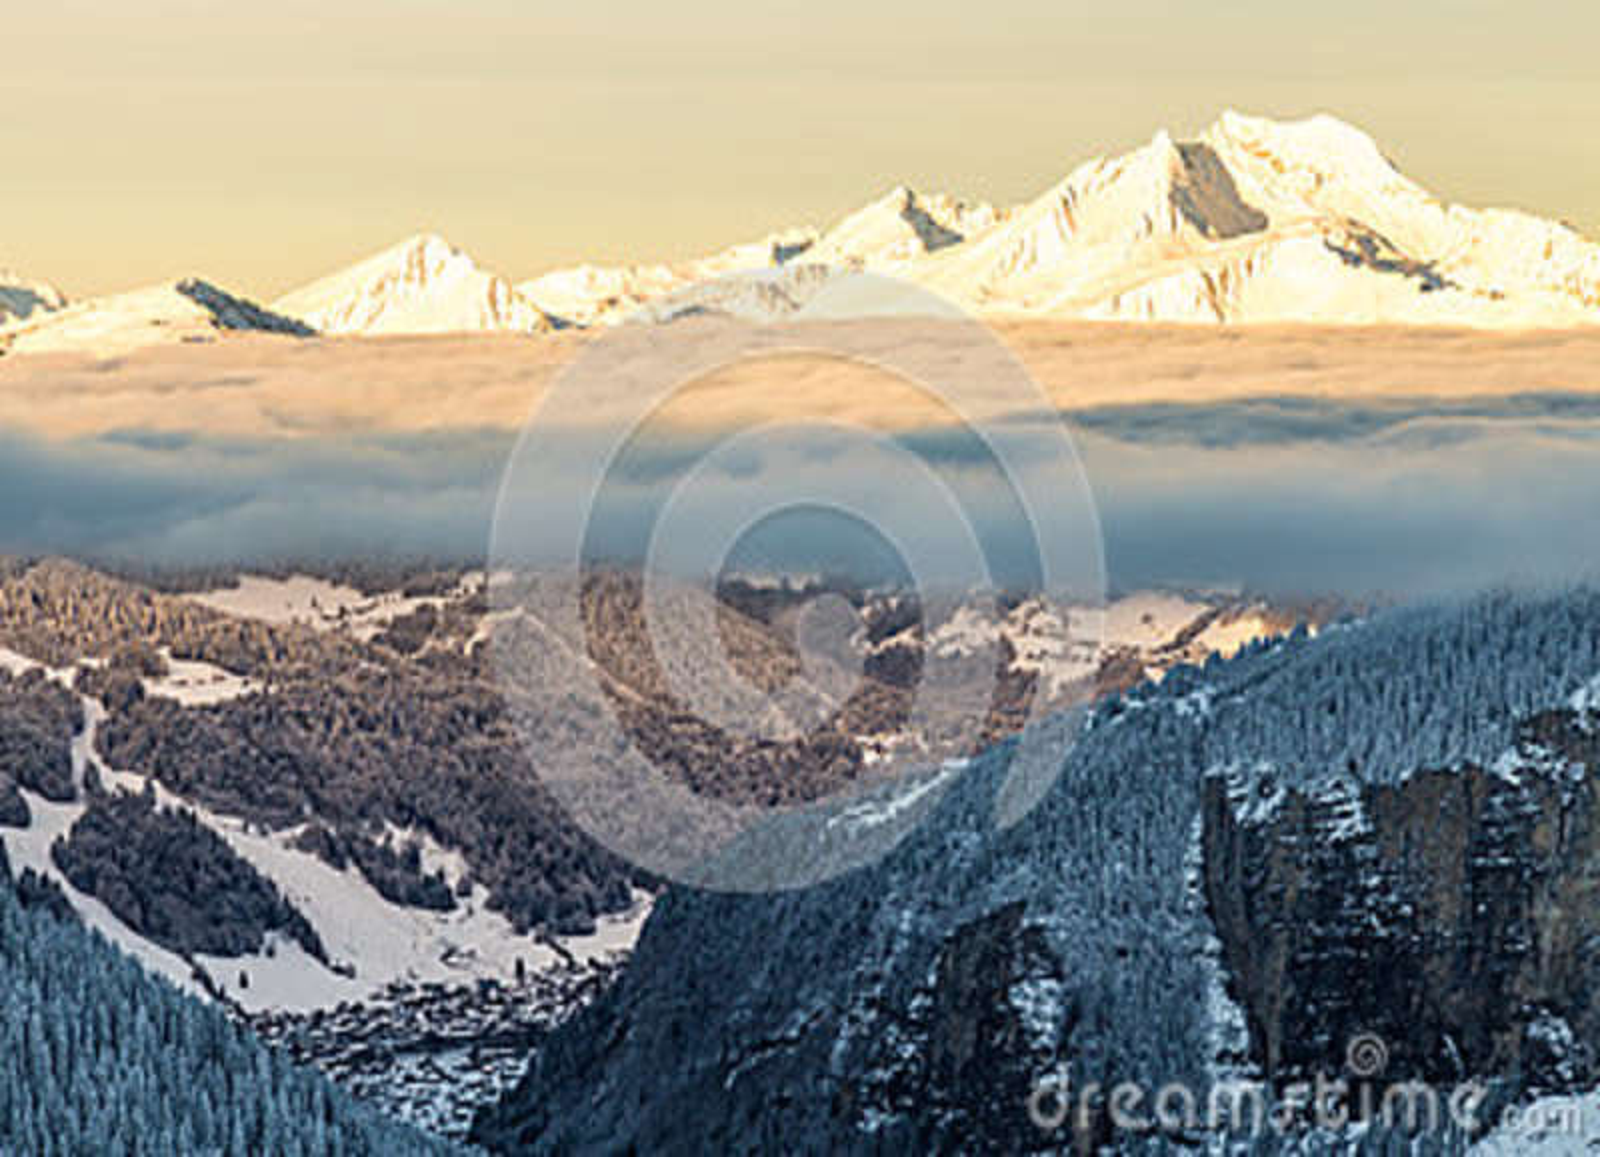 Berge mit einem Sonnenaufgang umgeben